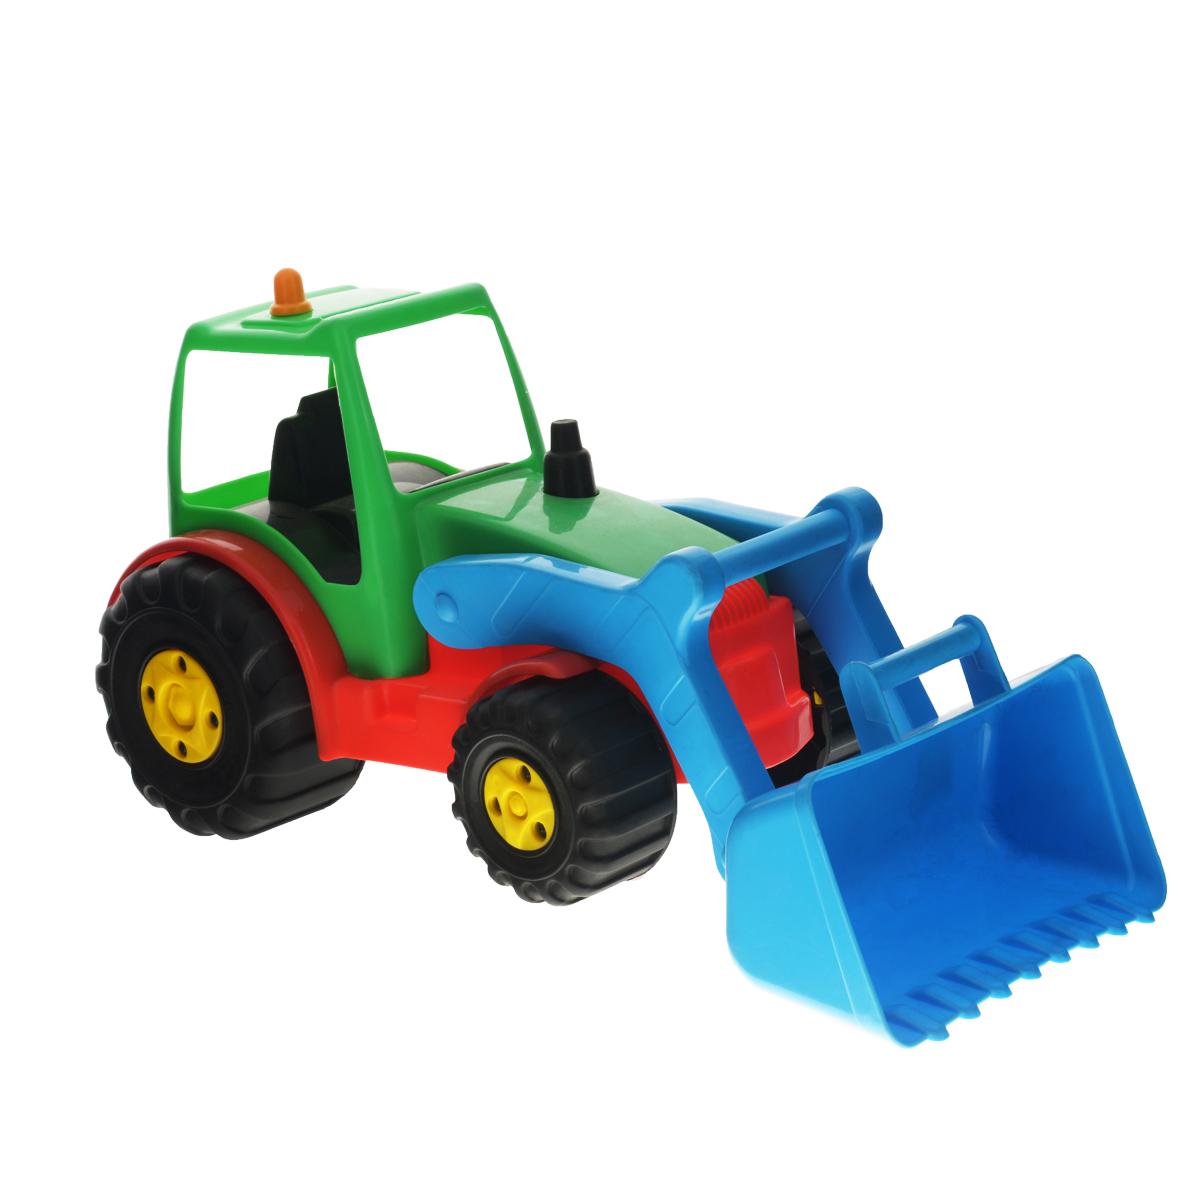 AVC Трактор01/5191Яркая игрушка AVC Трактор, изготовленная из прочного безопасного пластика в виде трактора, отлично подойдет ребенку для различных игр. Трактор оснащен большим подвижным ковшом, с помощью которого можно перемещать различные материалы (камни, песок, строительный мусор). В просторную кабину можно поместить небольшую игрушку. Большие крутящиеся колеса обеспечивают игрушке устойчивость и хорошую проходимость. Ваш ребенок непременно обрадуется новому транспорту в своем игрушечном автопарке. Порадуйте его таким замечательным подарком!